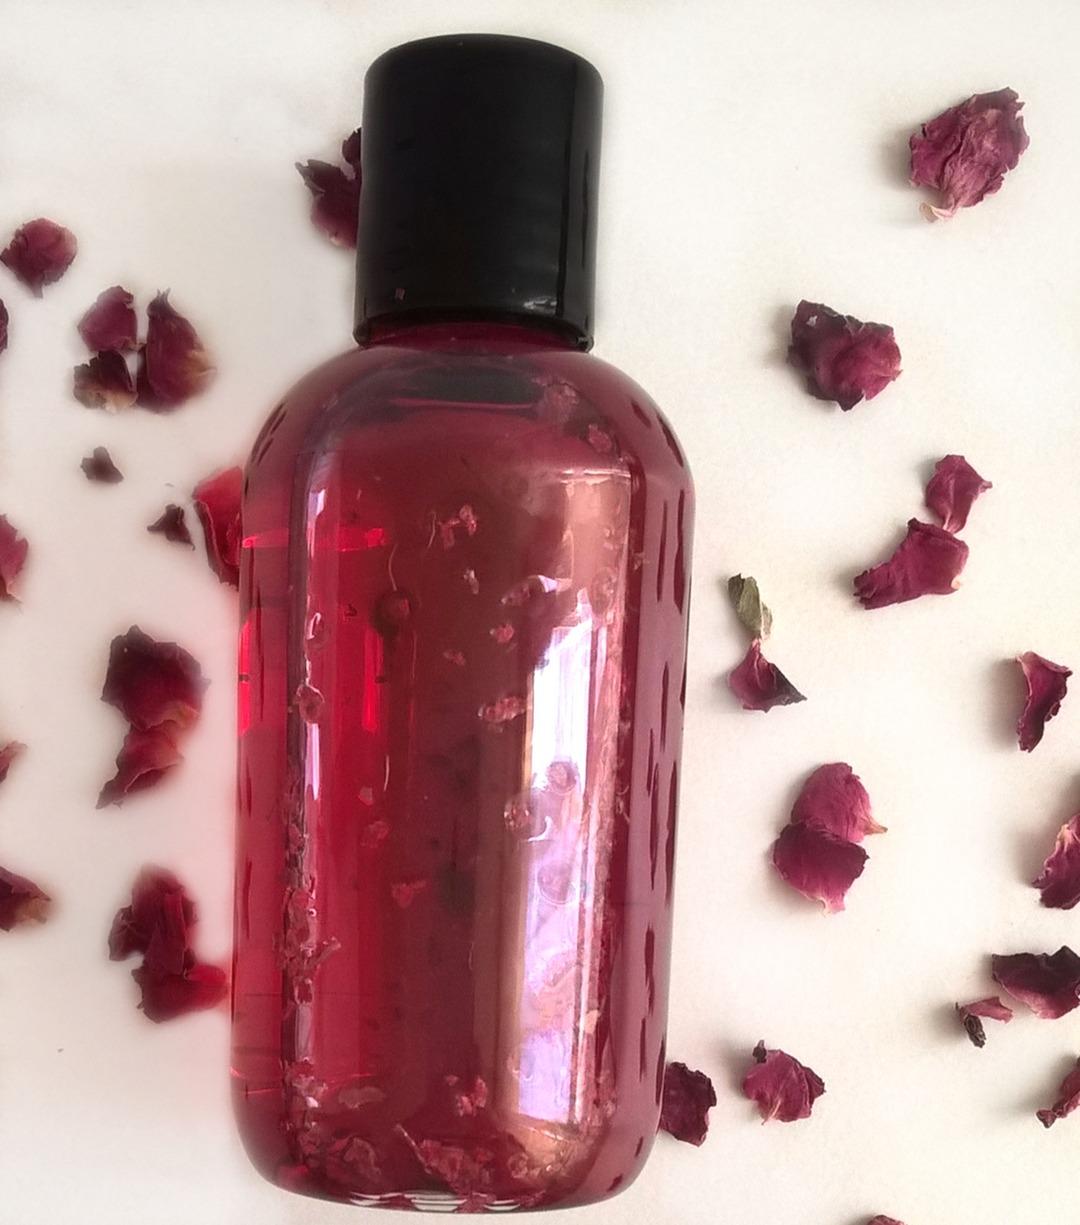 Ziołowa mgiełka DIY domowa dla rudowłosych włosów rudych wzmacniająca kolor